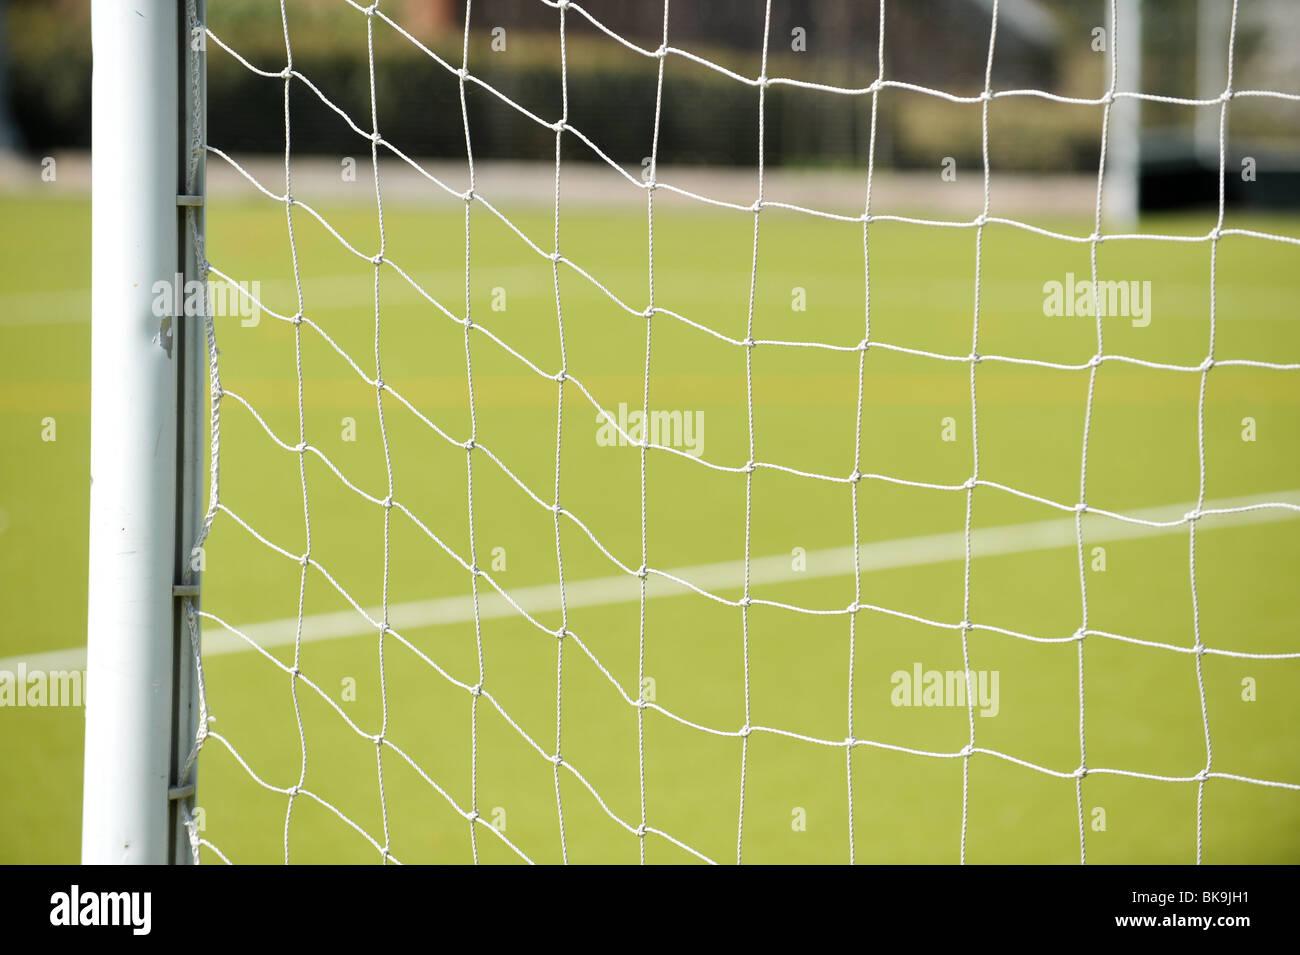 Eine Nahaufnahme Von Einem Fussballtor Mit Grunen Rasen